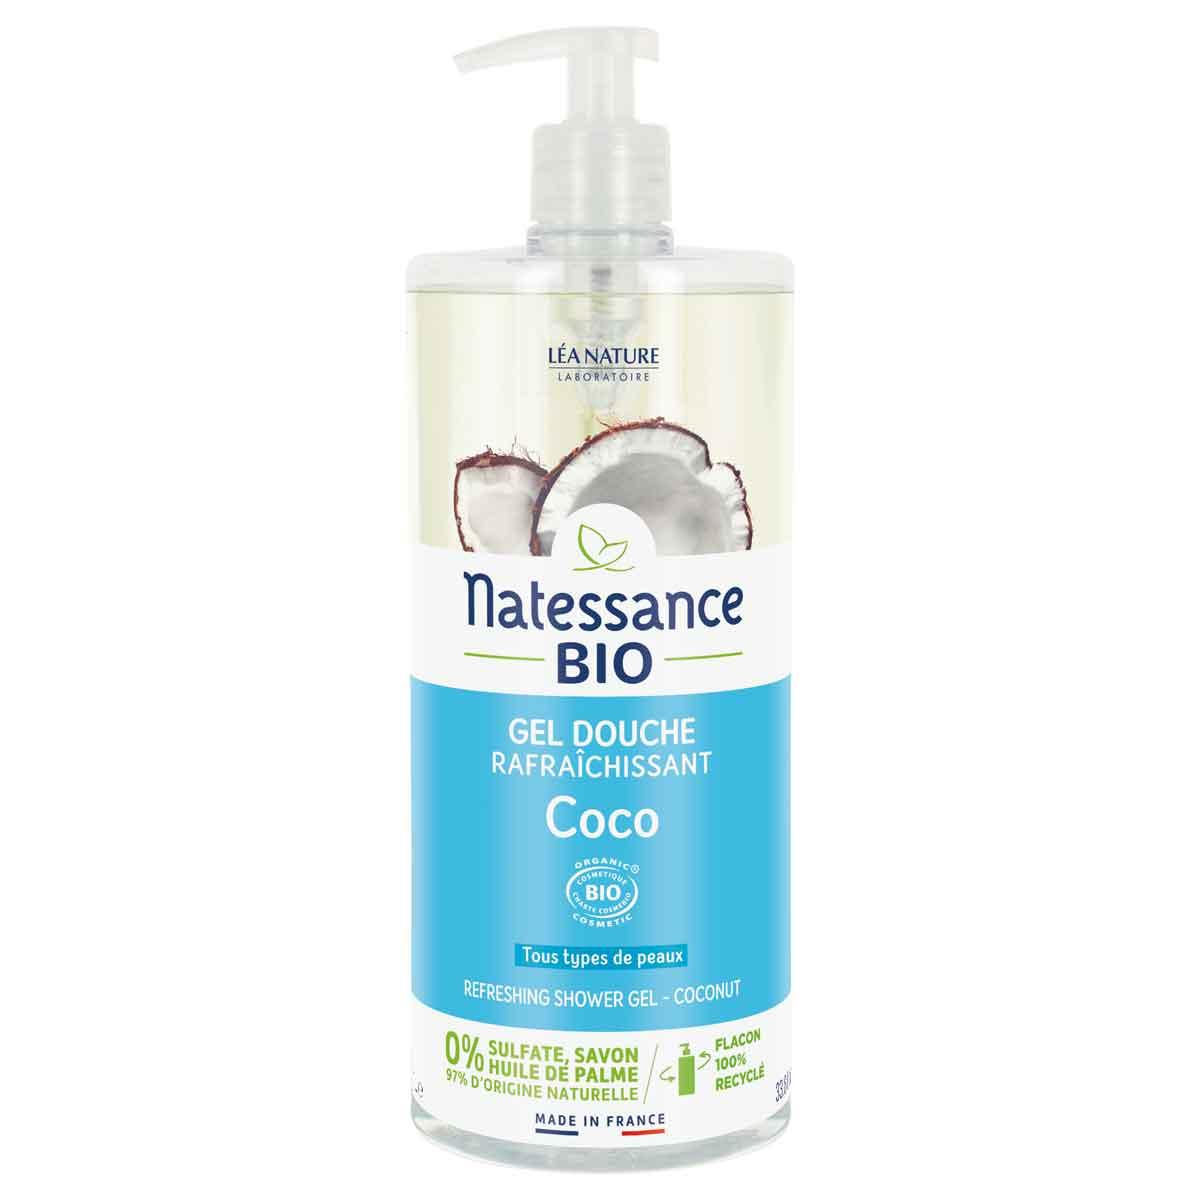 Natessance - Gel douche rafraichissant à l'eau de coco 1L